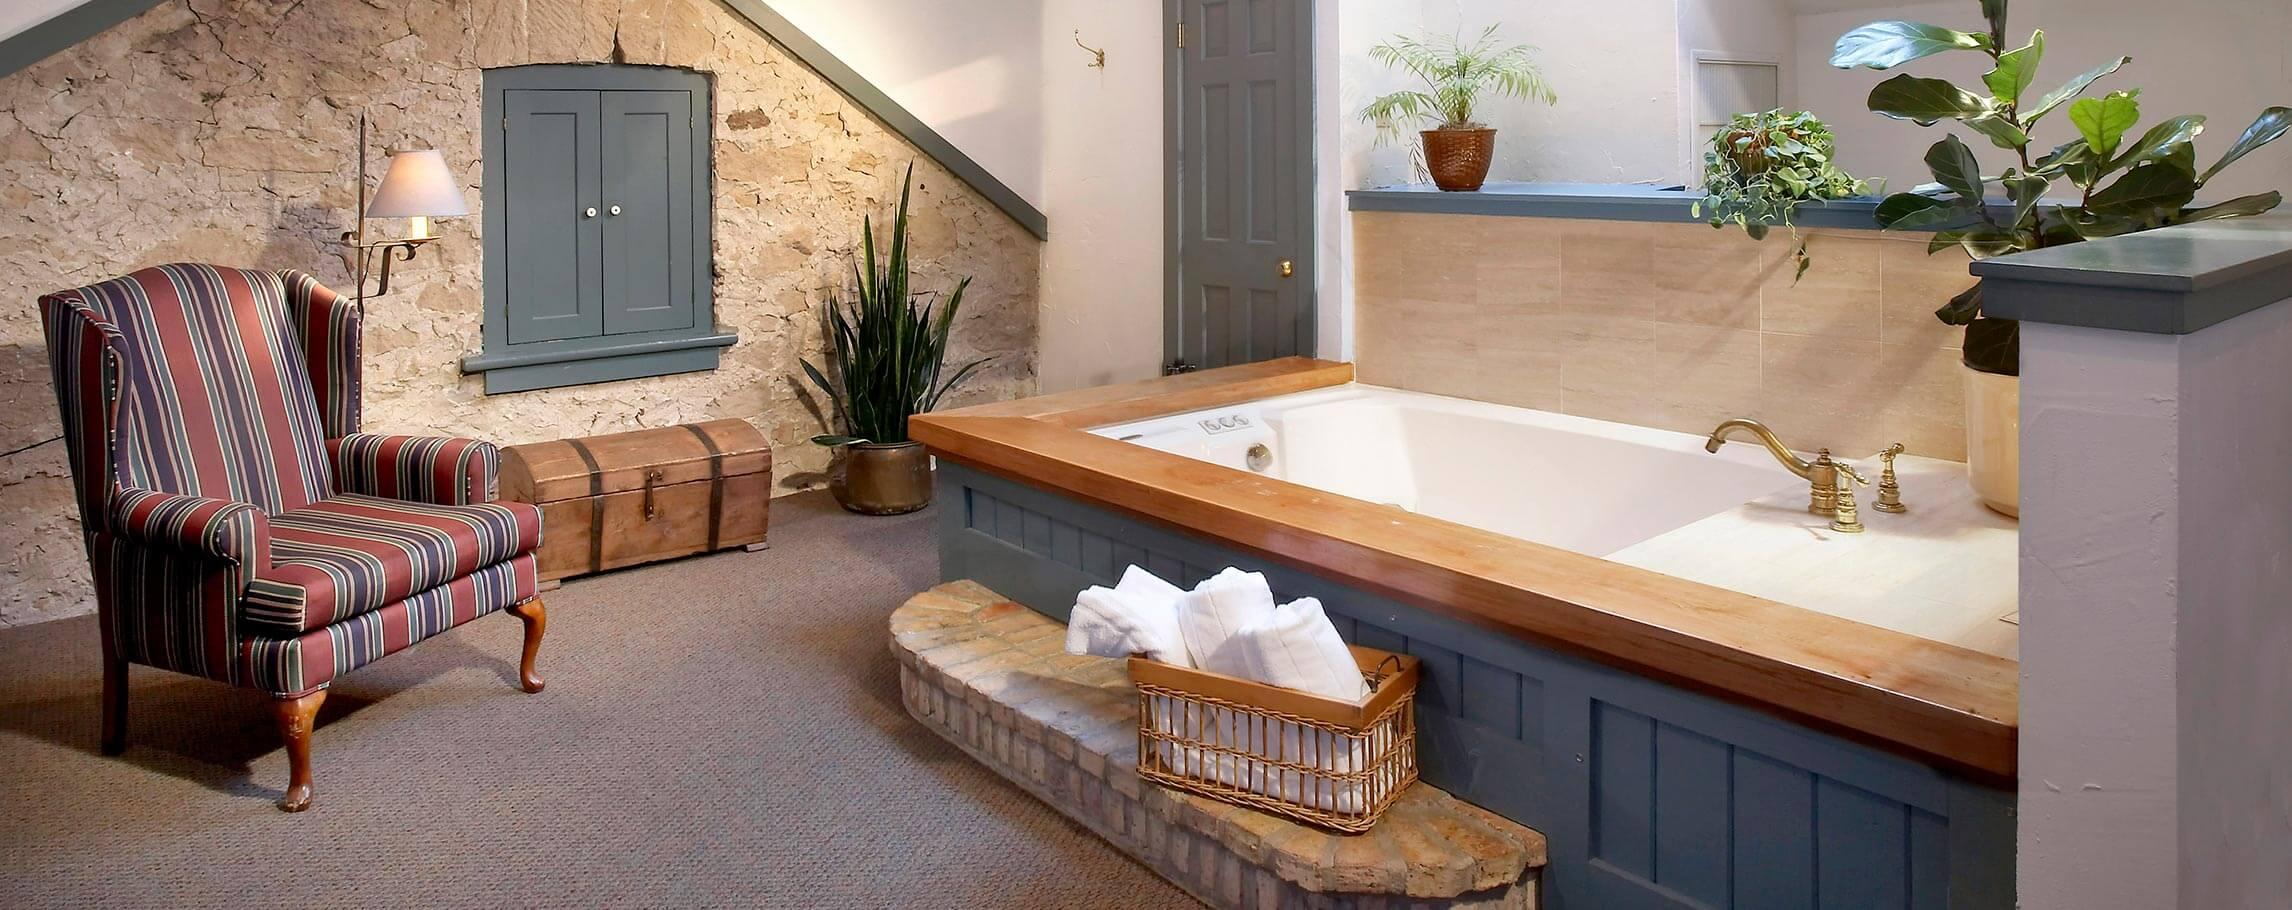 Room at a Top Rated Cedarburg, WI Inn